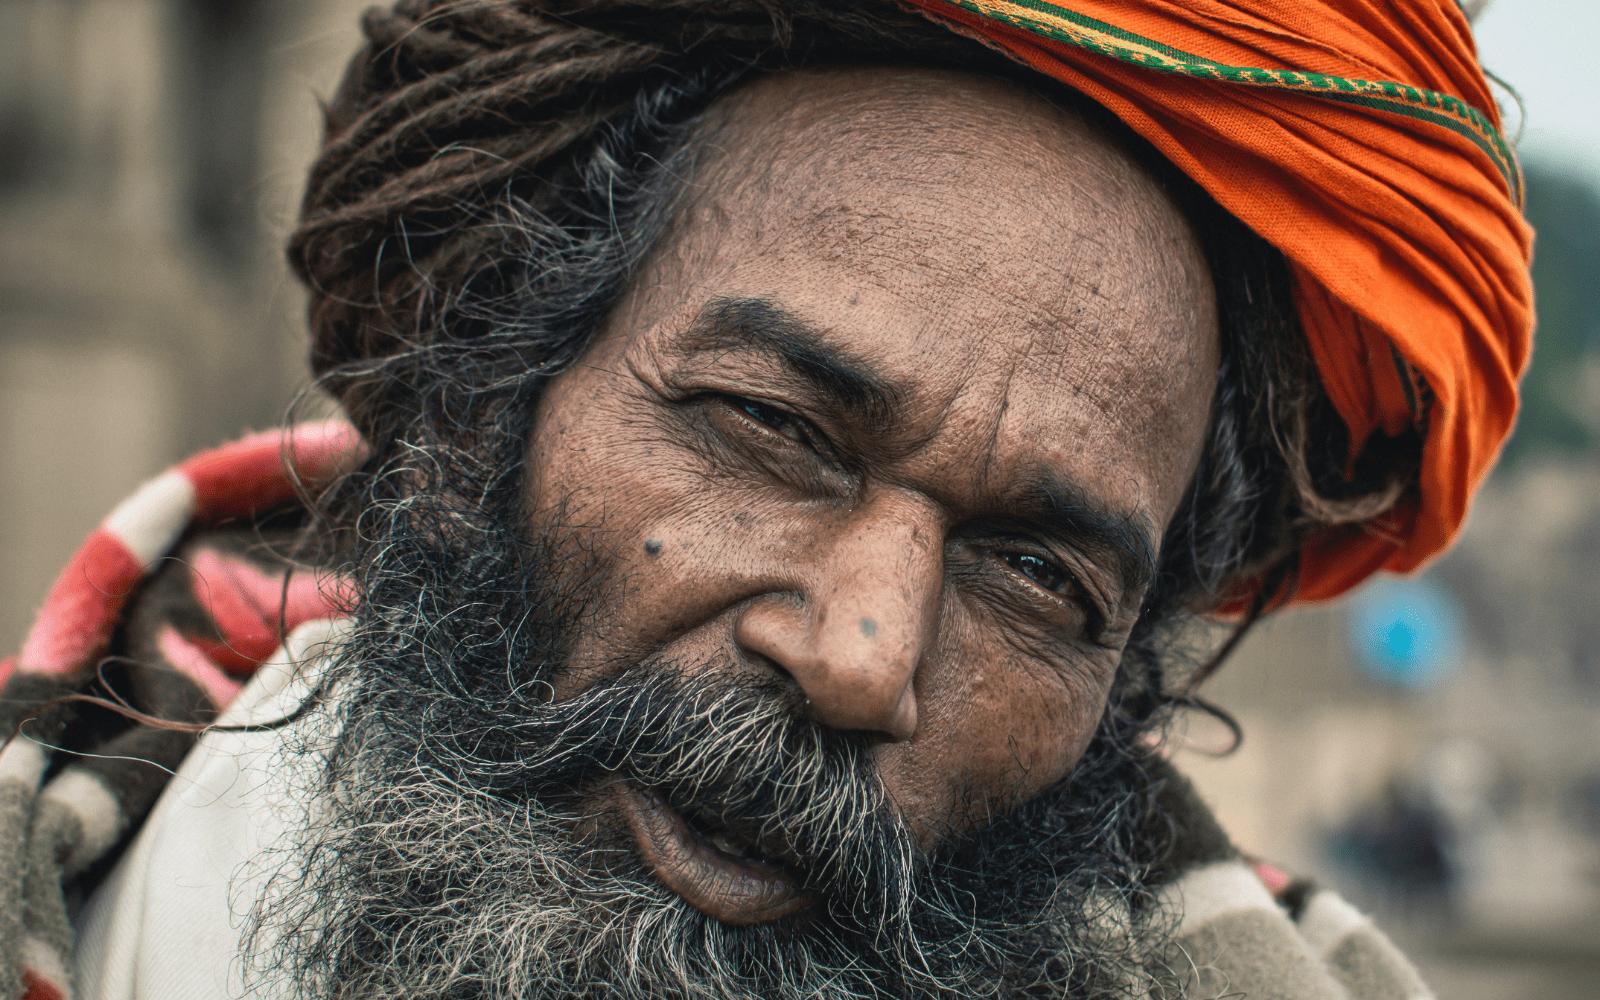 Hindou portant des dreadlocks en tenu de ceremonie